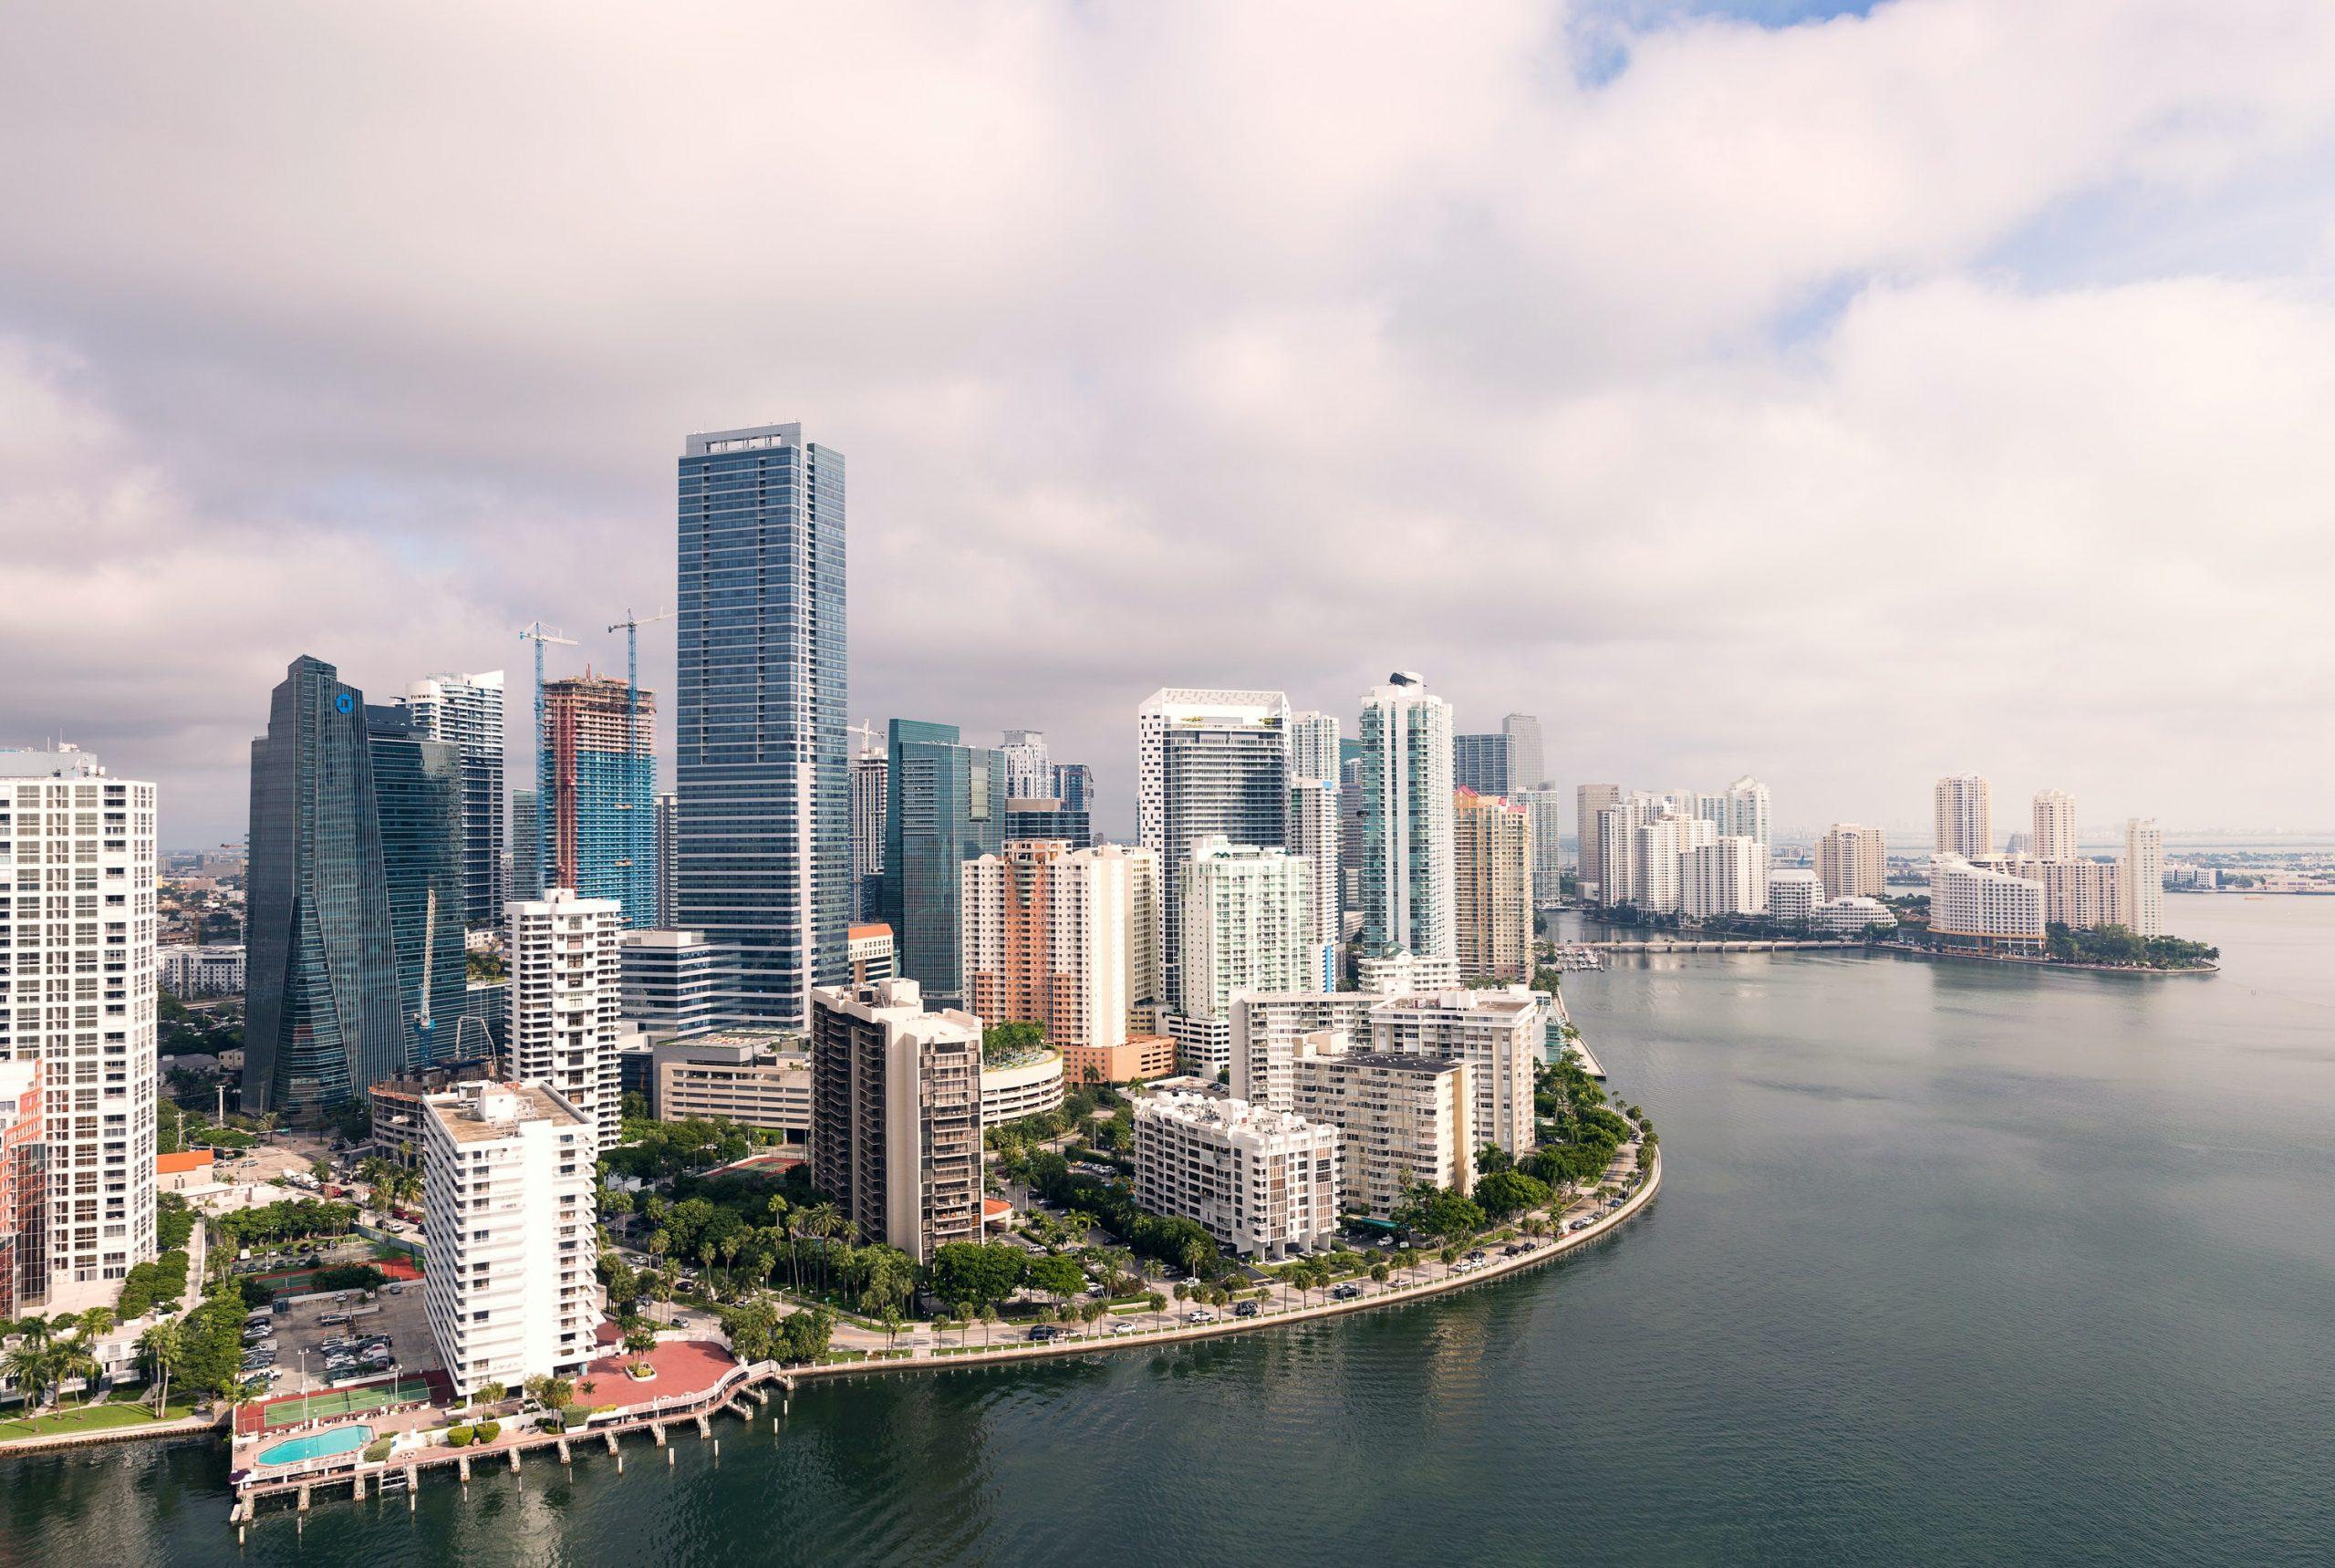 Miami gyms|